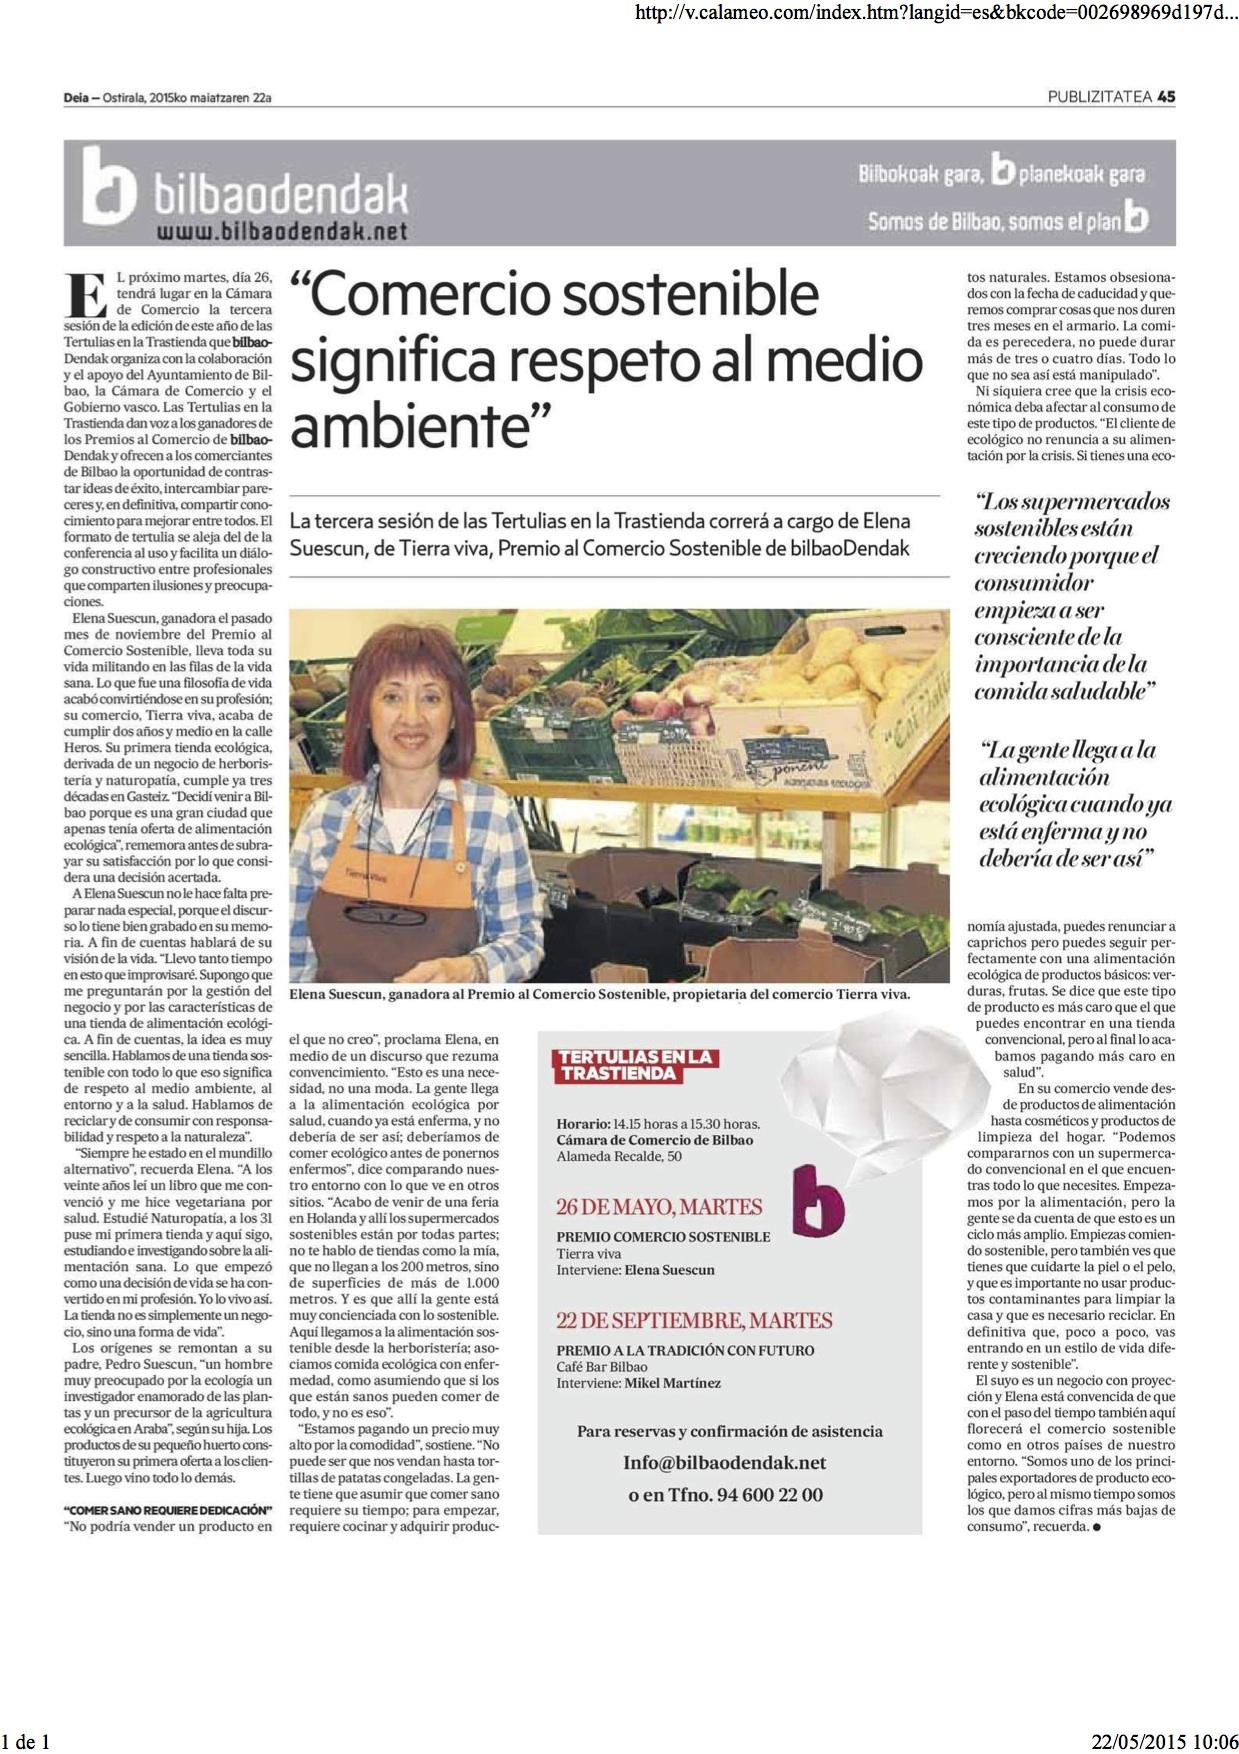 DEIA - Bilbaodendak 22052015